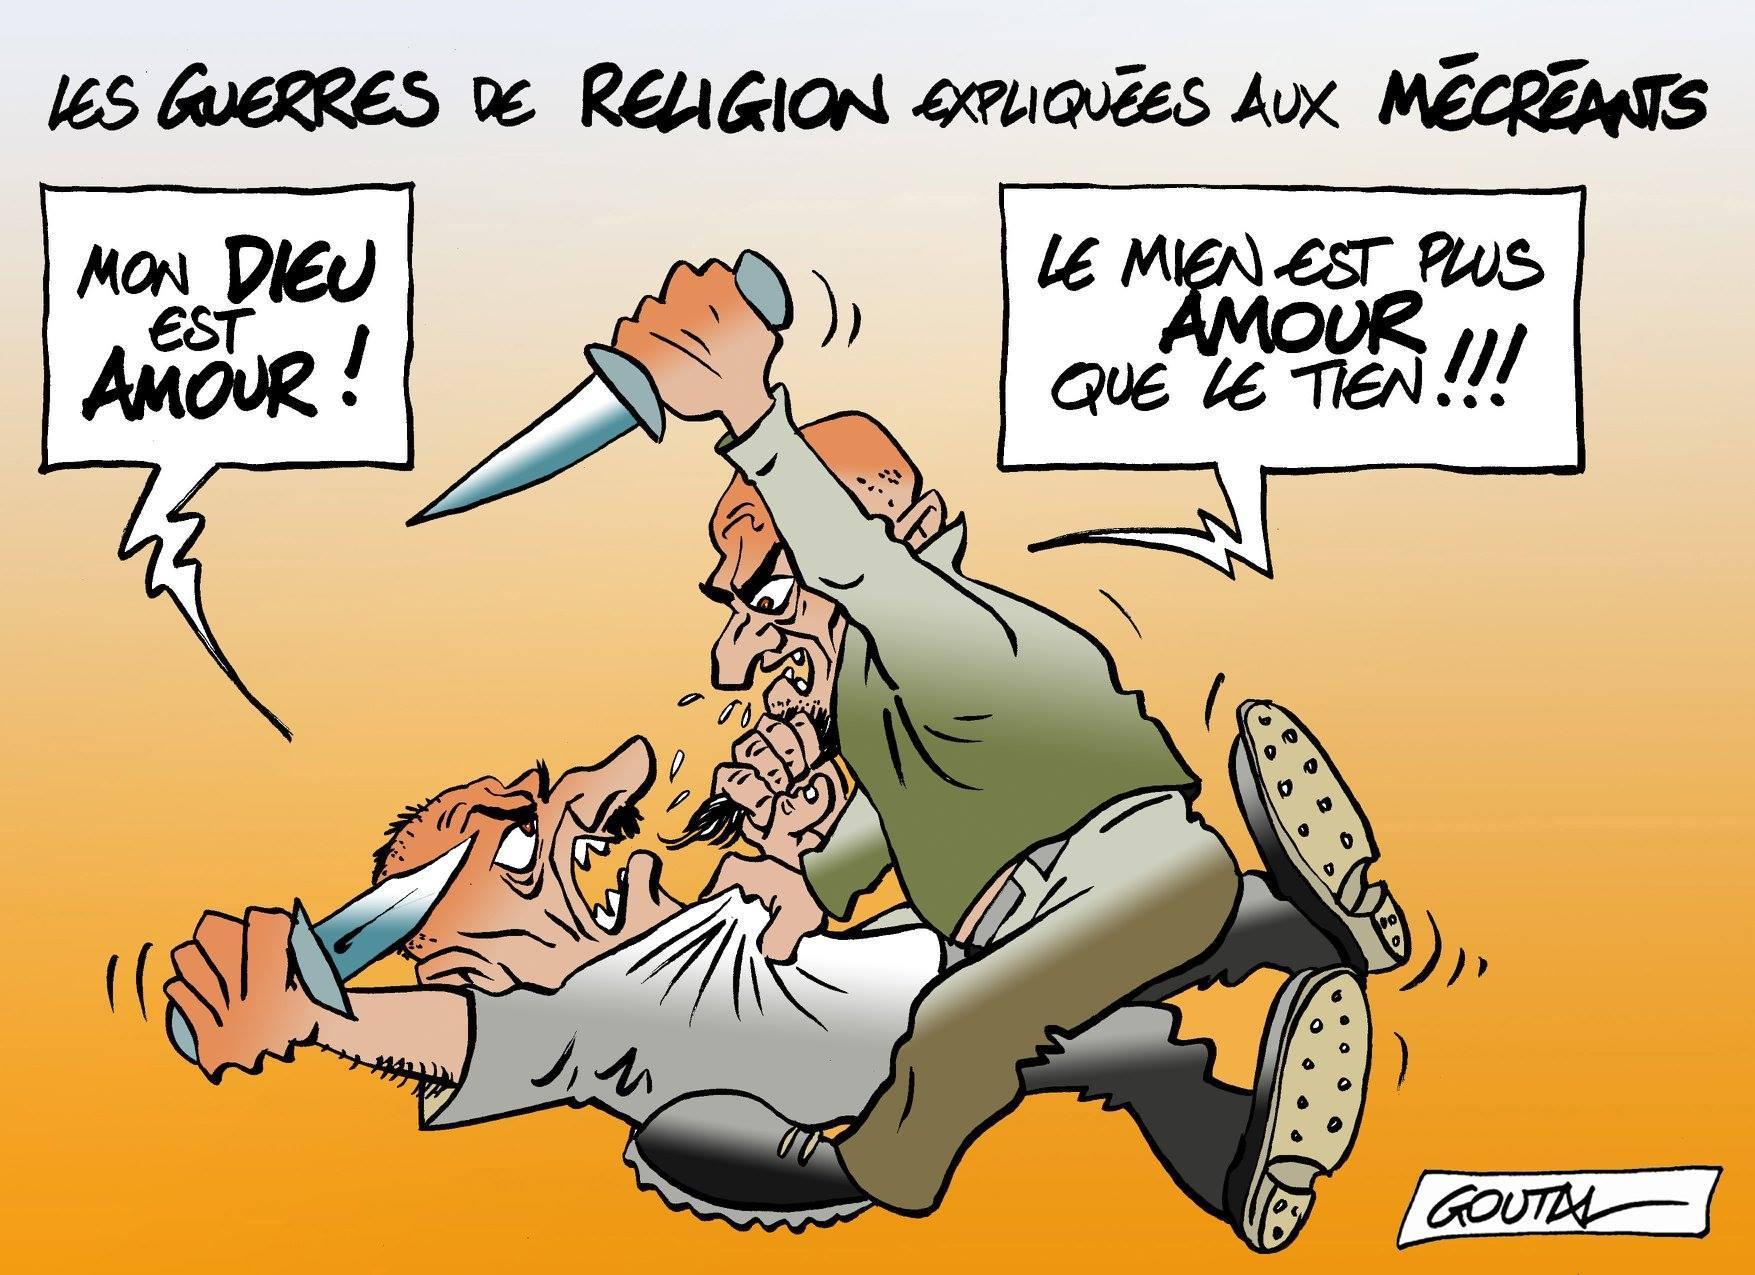 guerres-de-religion.jpg